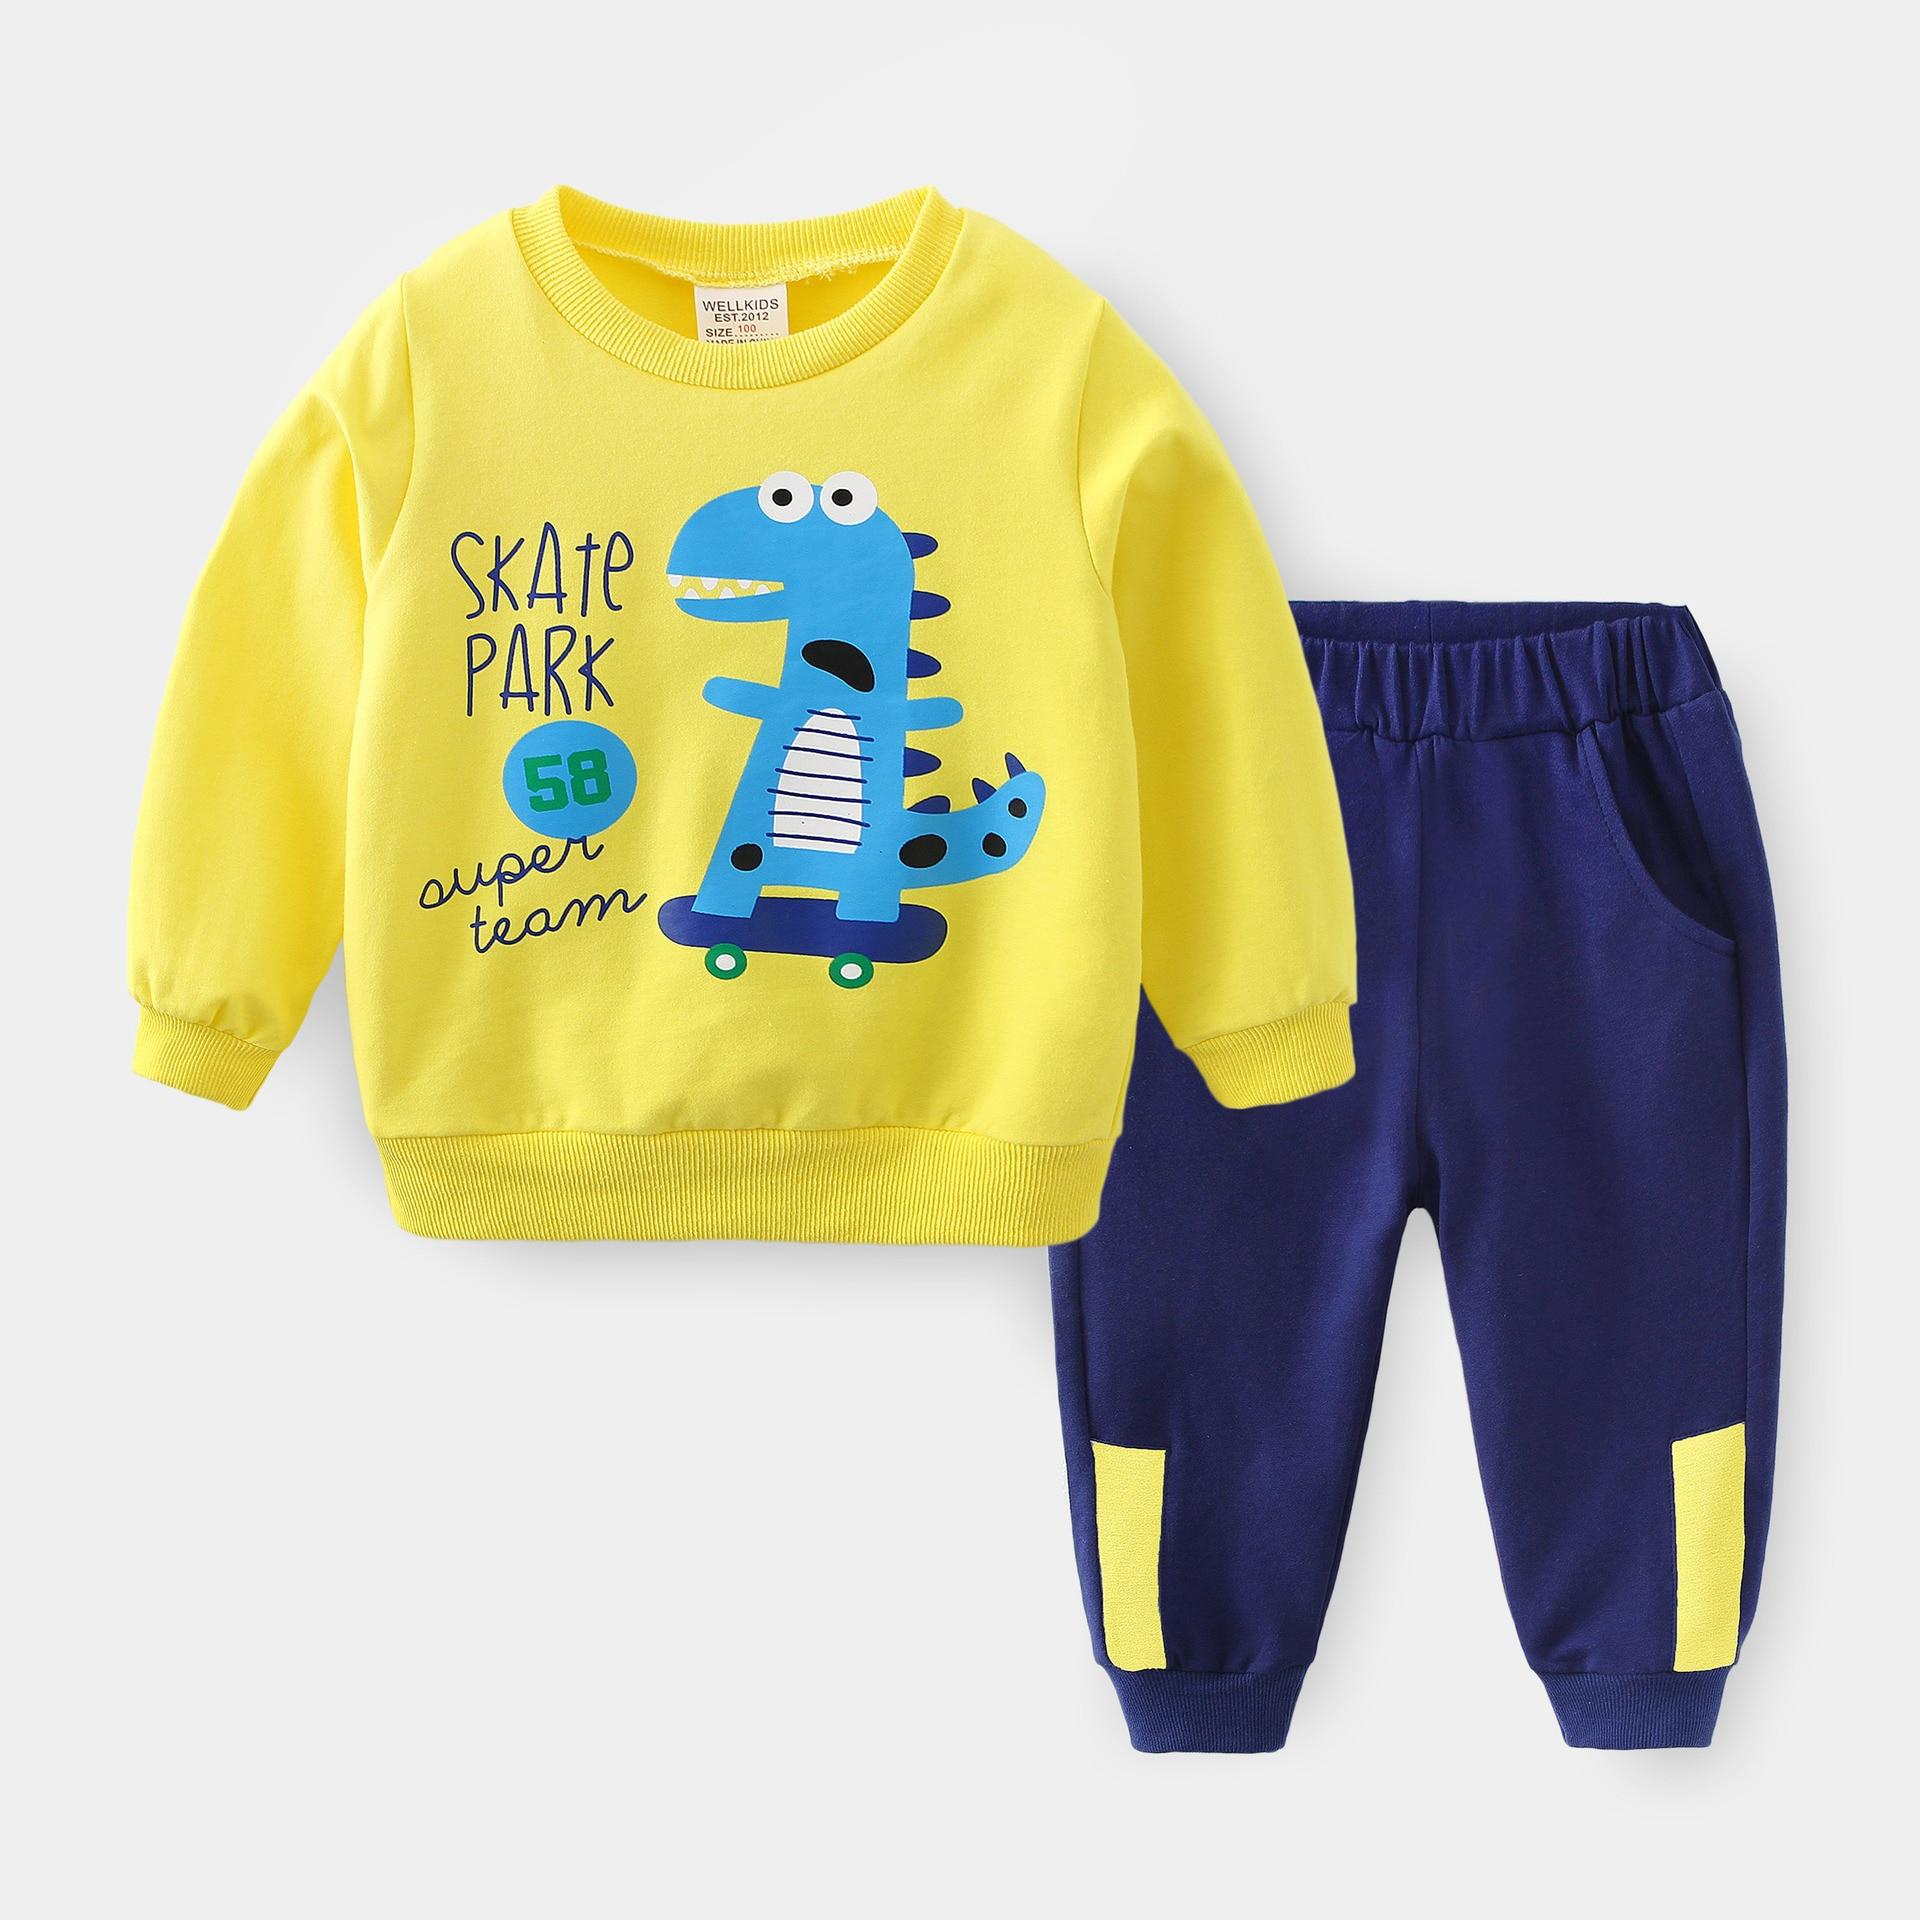 ZWF1420 جديد ربيع الخريف القطن ملابس الأطفال طفل الفتيان الفتيات الكرتون السراويل 2 قطعة/مجموعة خارج طفل ملابس عصرية رياضية